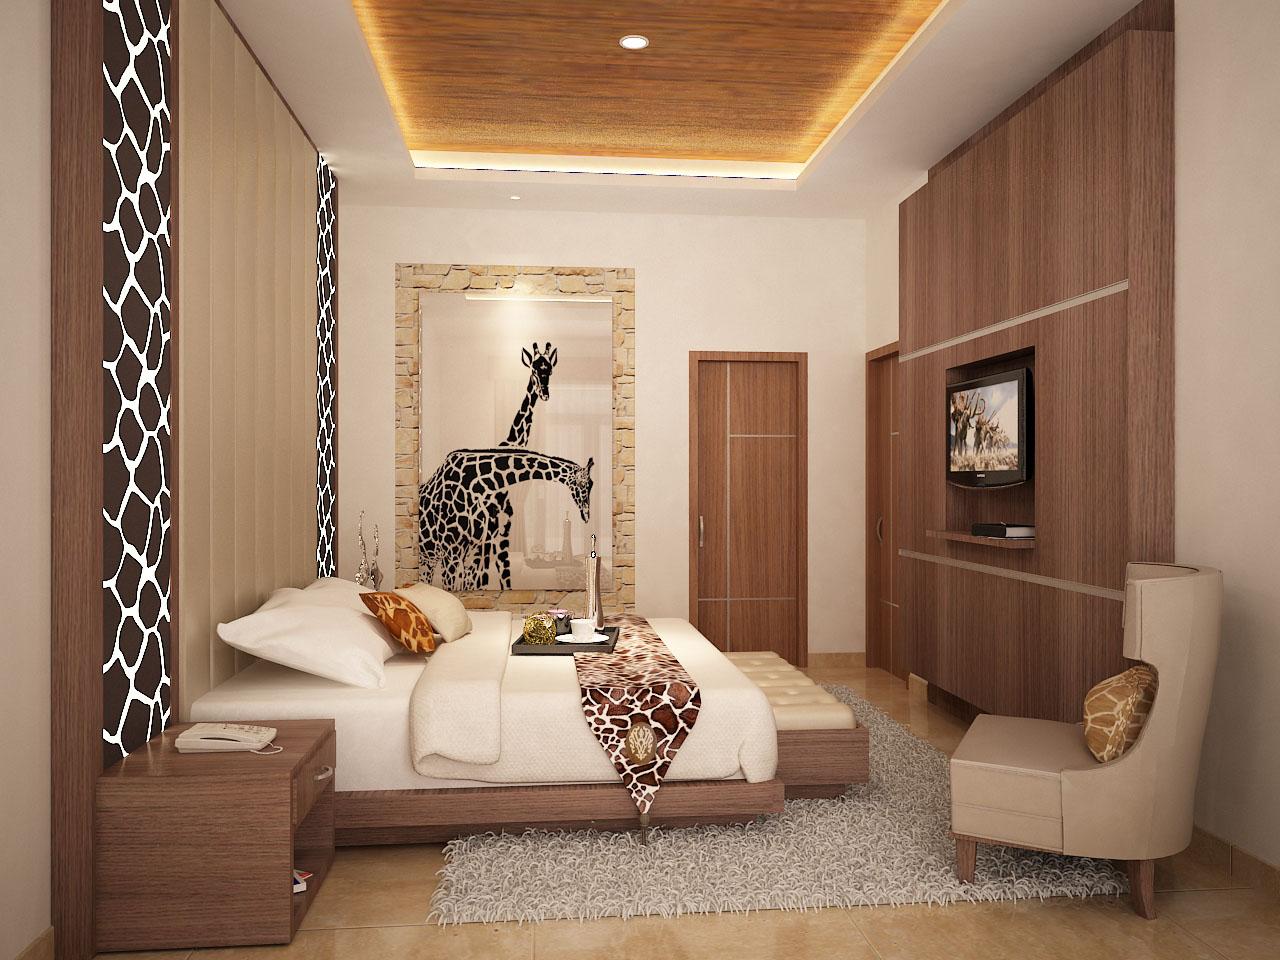 RSG-Giraffe-President-Suite_3.jpg